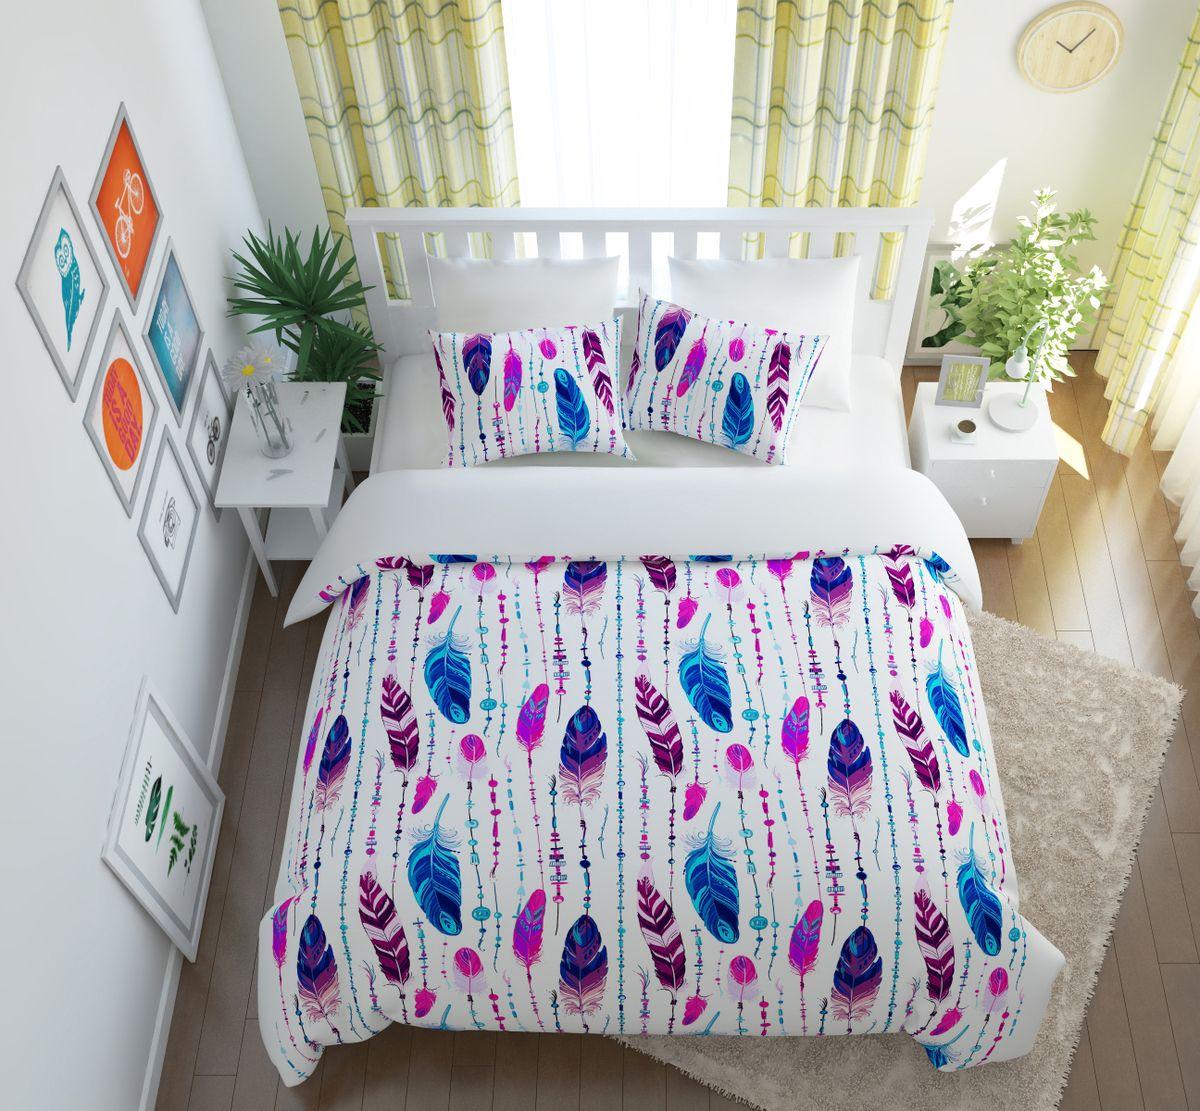 Комплект белья Сирень Перо Жар-птицы, 2-спальный, наволочки 50х70PANTERA SPX-2RSКомплект постельного белья Сирень выполнен из прочной и мягкой ткани. Четкий и стильный рисунок в сочетании с насыщенными красками делают комплект постельного белья неповторимой изюминкой любого интерьера.Постельное белье идеально подойдет для подарка. Идеальное соотношение смешенной ткани и гипоаллергенных красок - это гарантия здорового, спокойного сна. Ткань хорошо впитывает влагу, надолго сохраняет яркость красок.В комплект входят: простынь, пододеяльник, две наволочки. Постельное белье легко стирать при 30-40°С, гладить при 150°С, не отбеливать. Рекомендуется перед первым использованием постирать.УВАЖАЕМЫЕ КЛИЕНТЫ! Обращаем ваше внимание, что цвет простыни, пододеяльника, наволочки в комплектации может немного отличаться от представленного на фото.